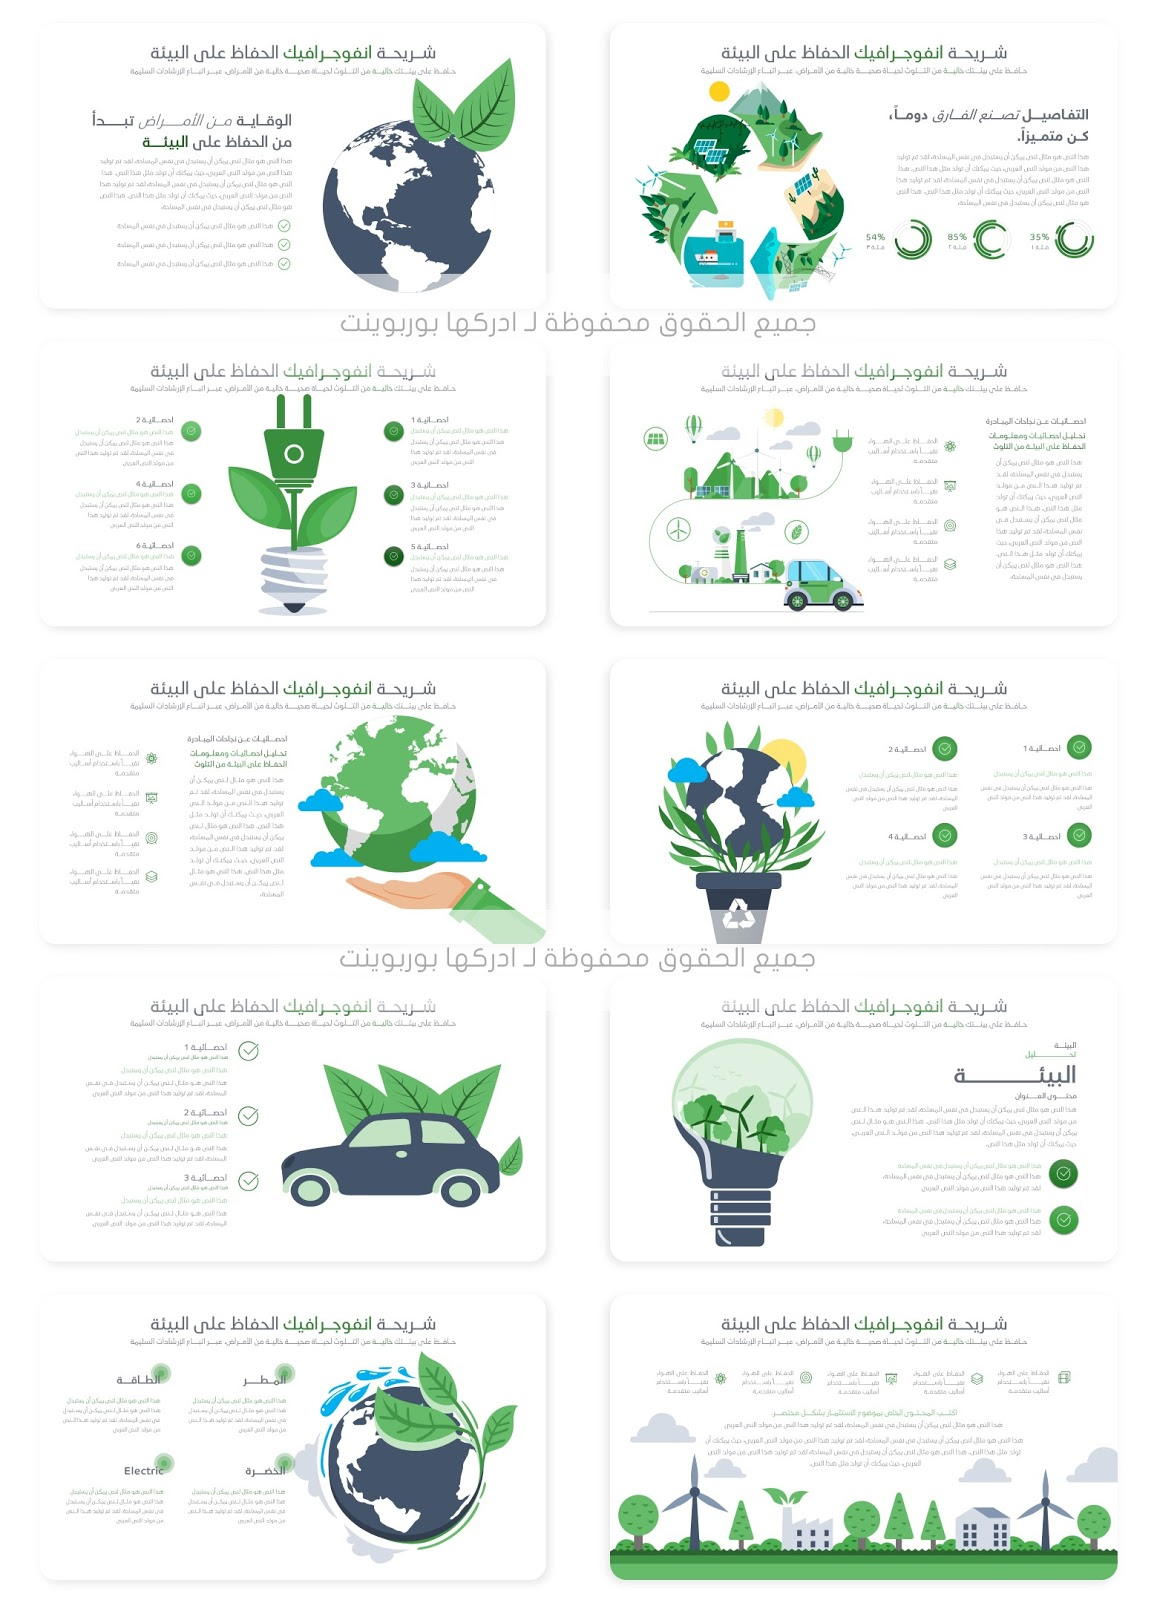 طبي عرض بوربوينت عربي متحرك لكل دكتور أو صيدلي ادركها بوربوينت Powerpoint Slide Designs Slide Design Powerpoint